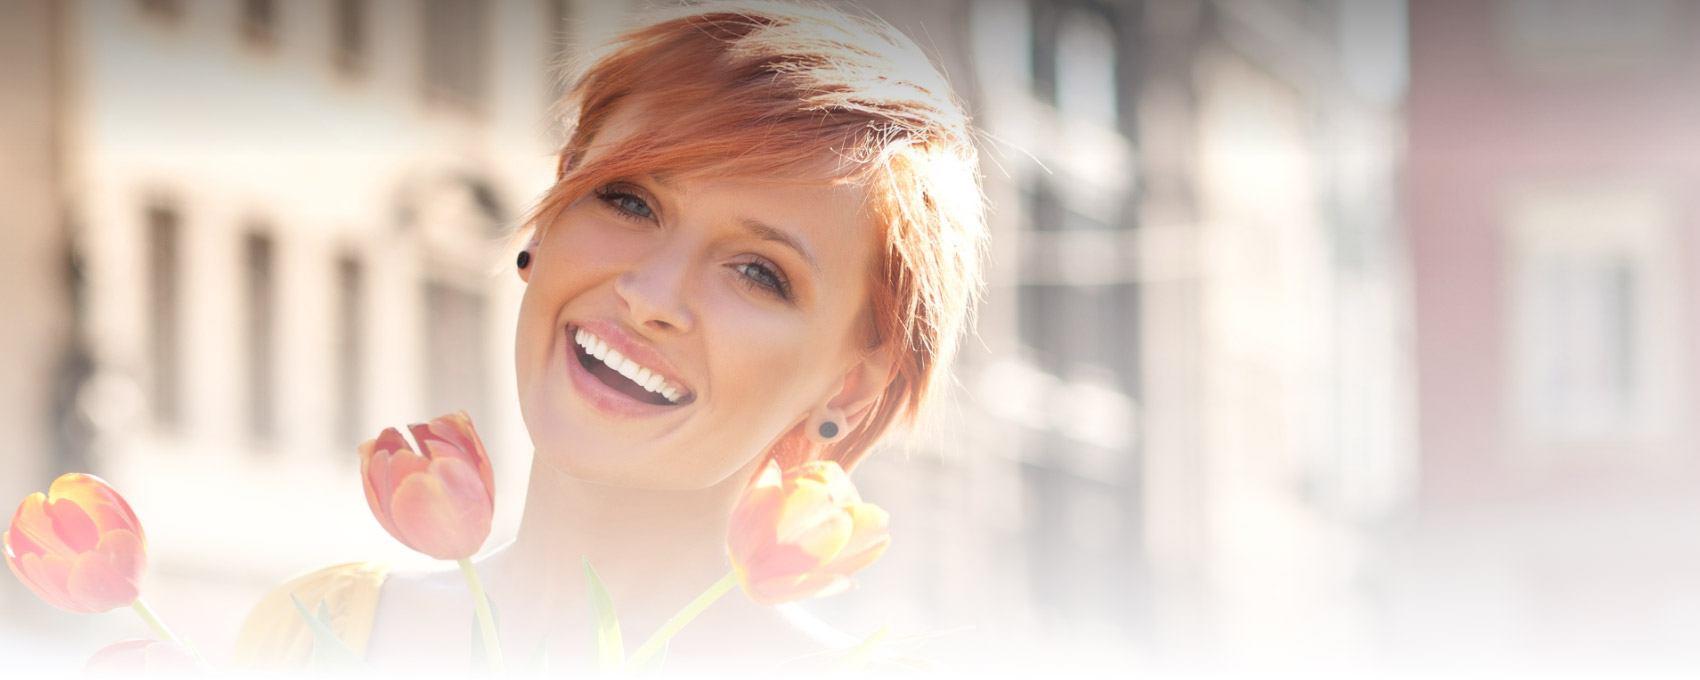 Orthodontic Treatment (Braces), CA